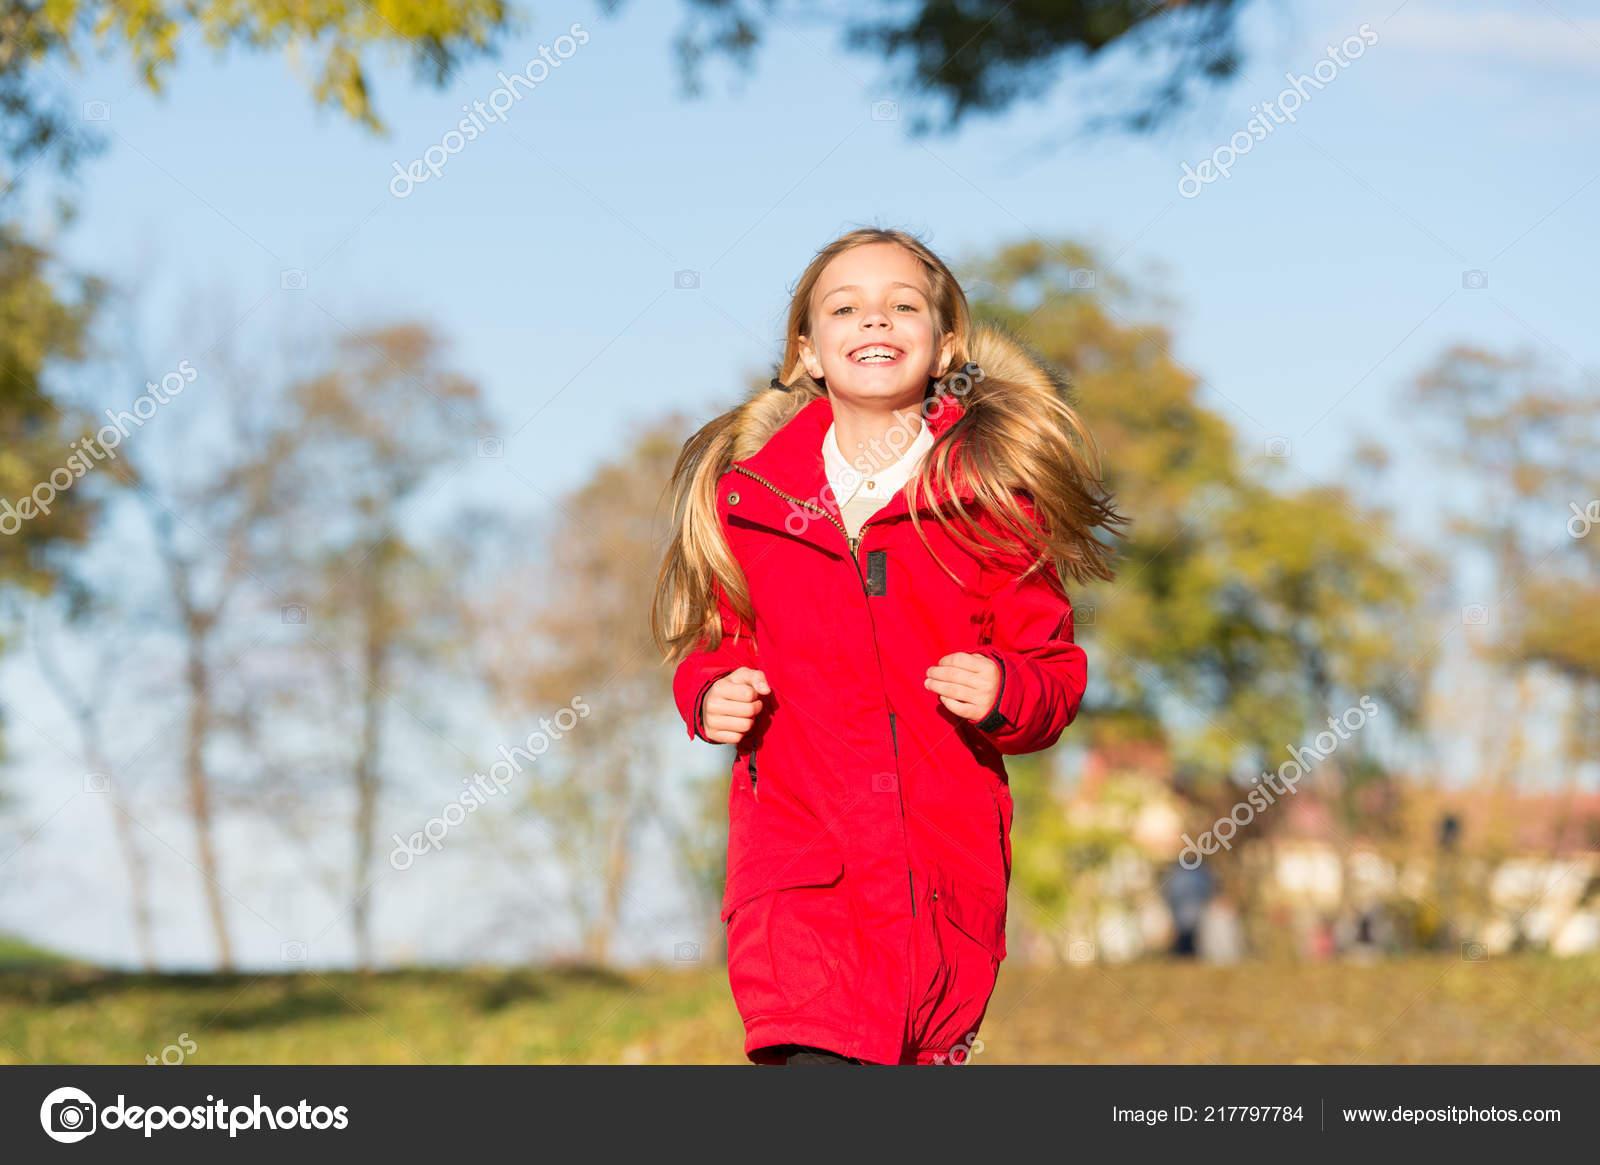 a9825d112e2120 Детские девочка одежда пальто для осеннего сезона характер фона. Держите  тело теплую одежду осенние дни. Осенний наряд концепции.